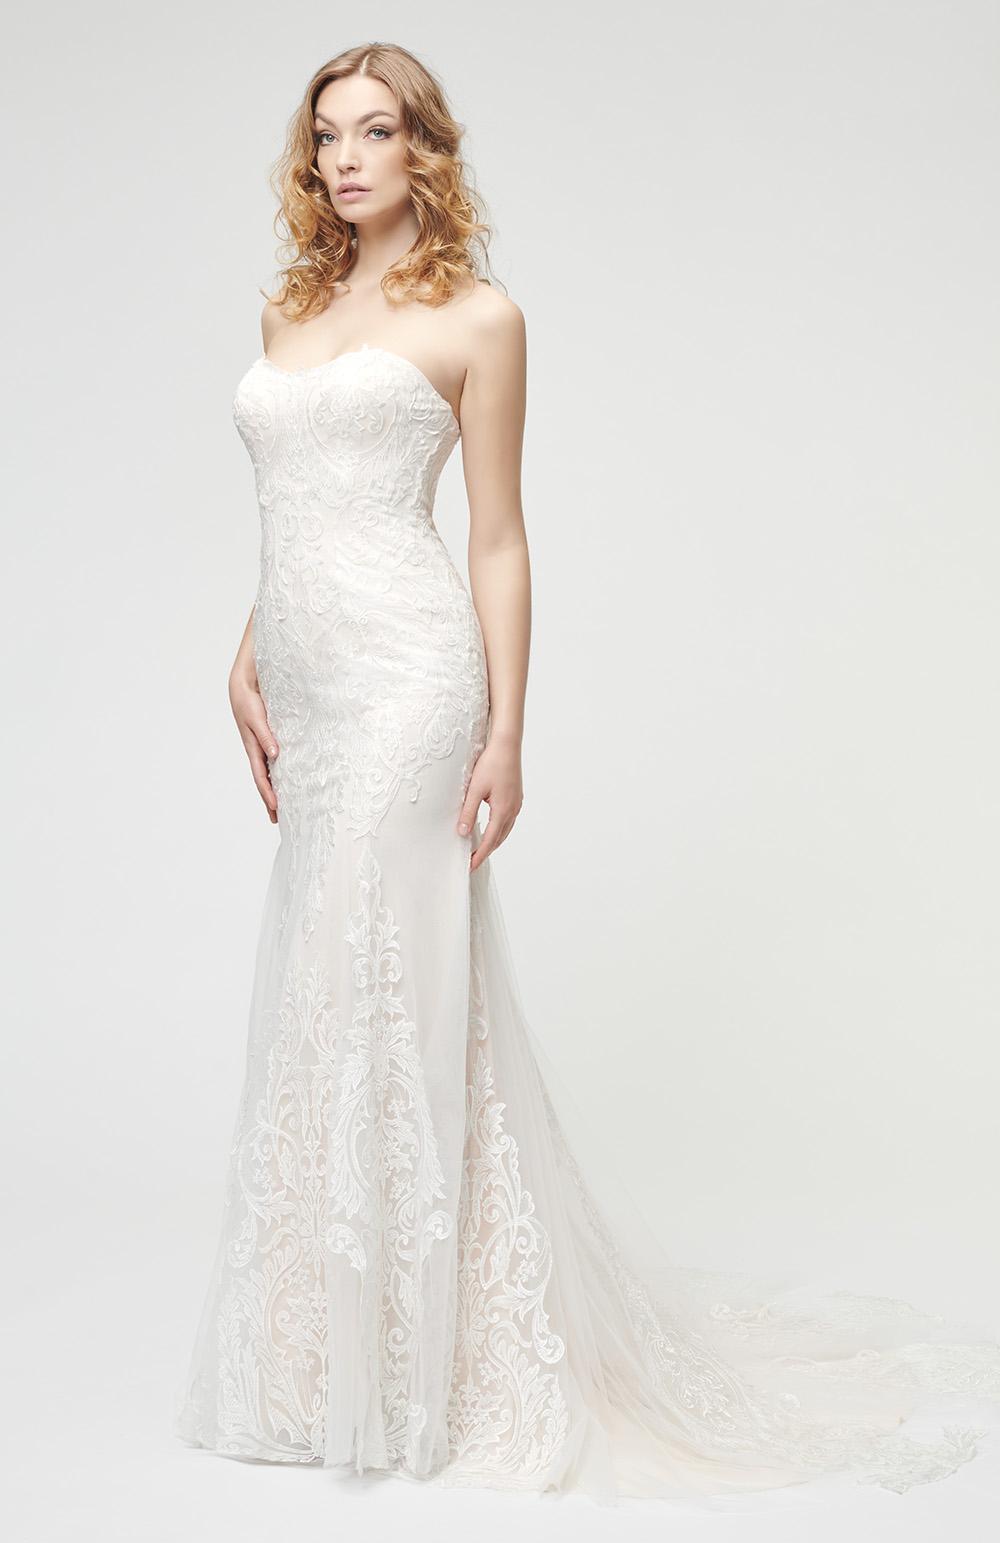 Robe de mariée Modèle Renata